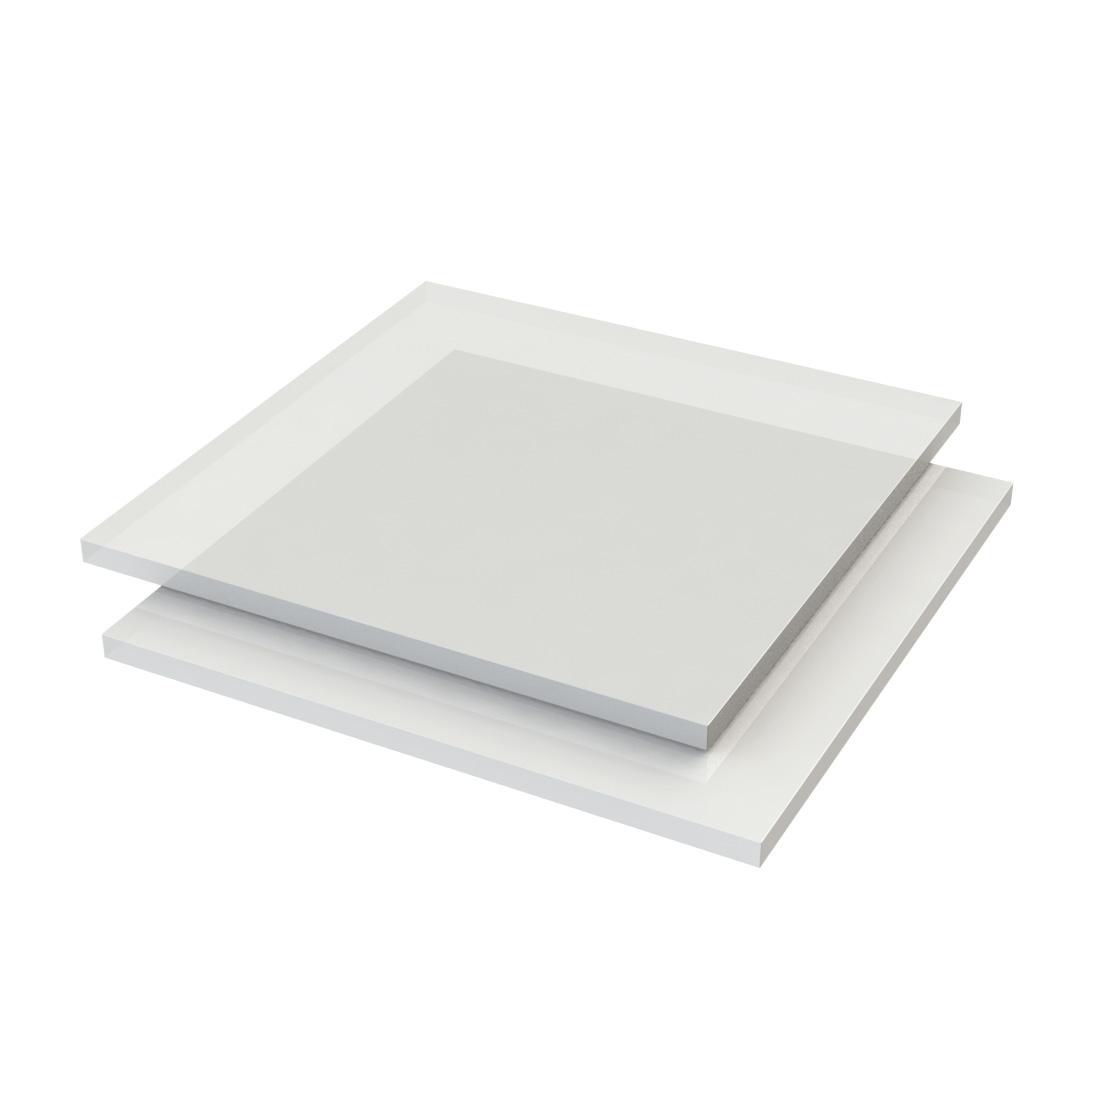 Altuglas PMMA Plaat Gegoten Opaal 100 27016 LT50% 3050x2030x10mm